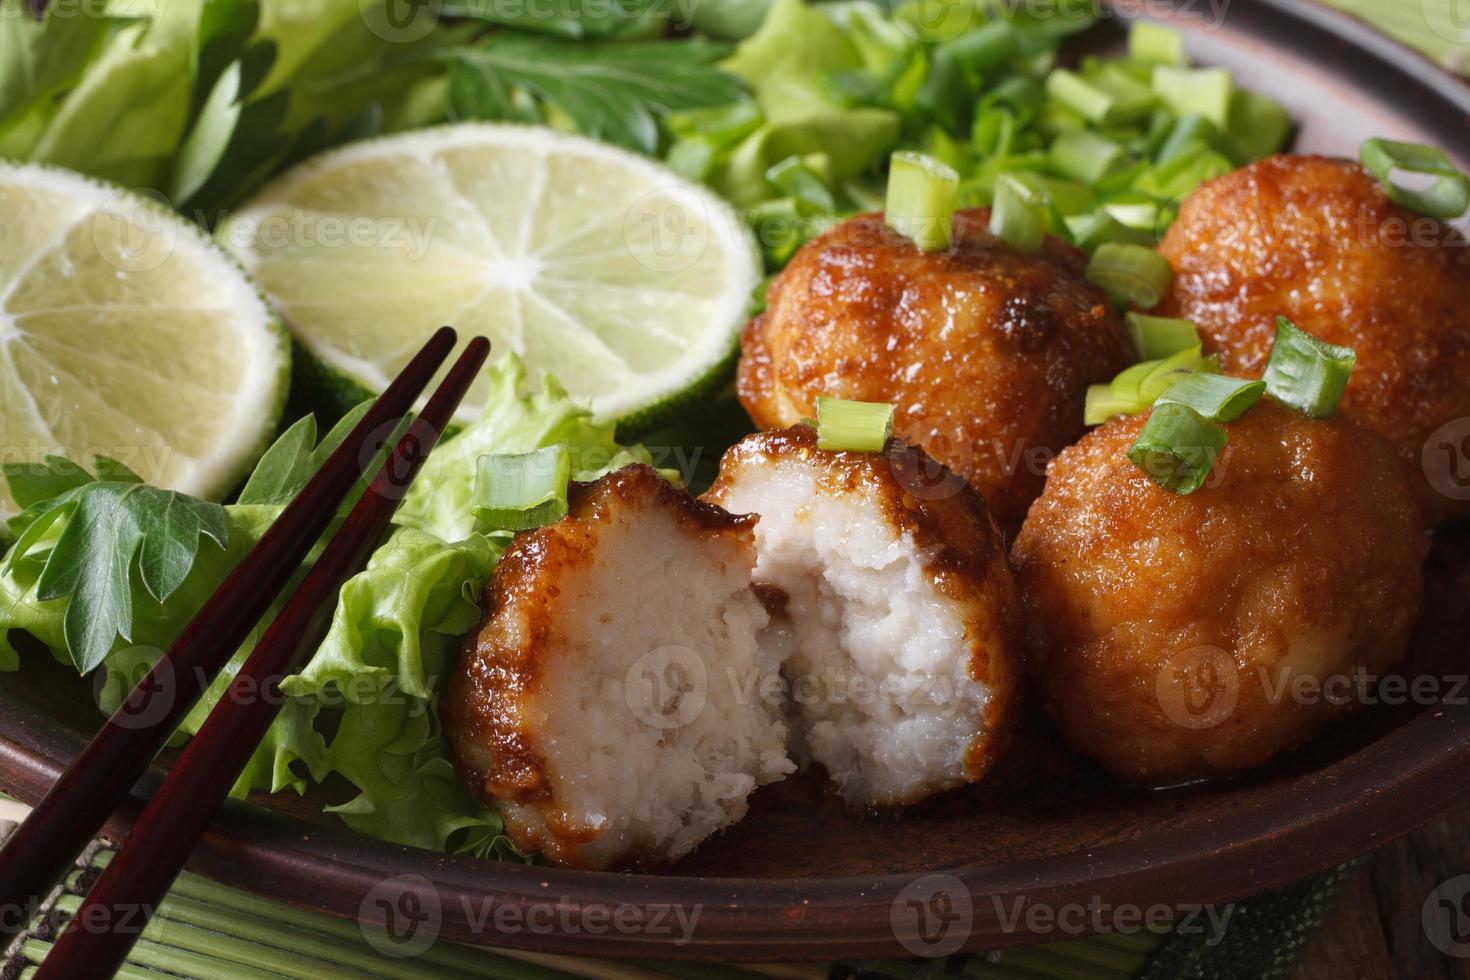 visballetjes met limoen en salade op plaat macro. horizontaal foto